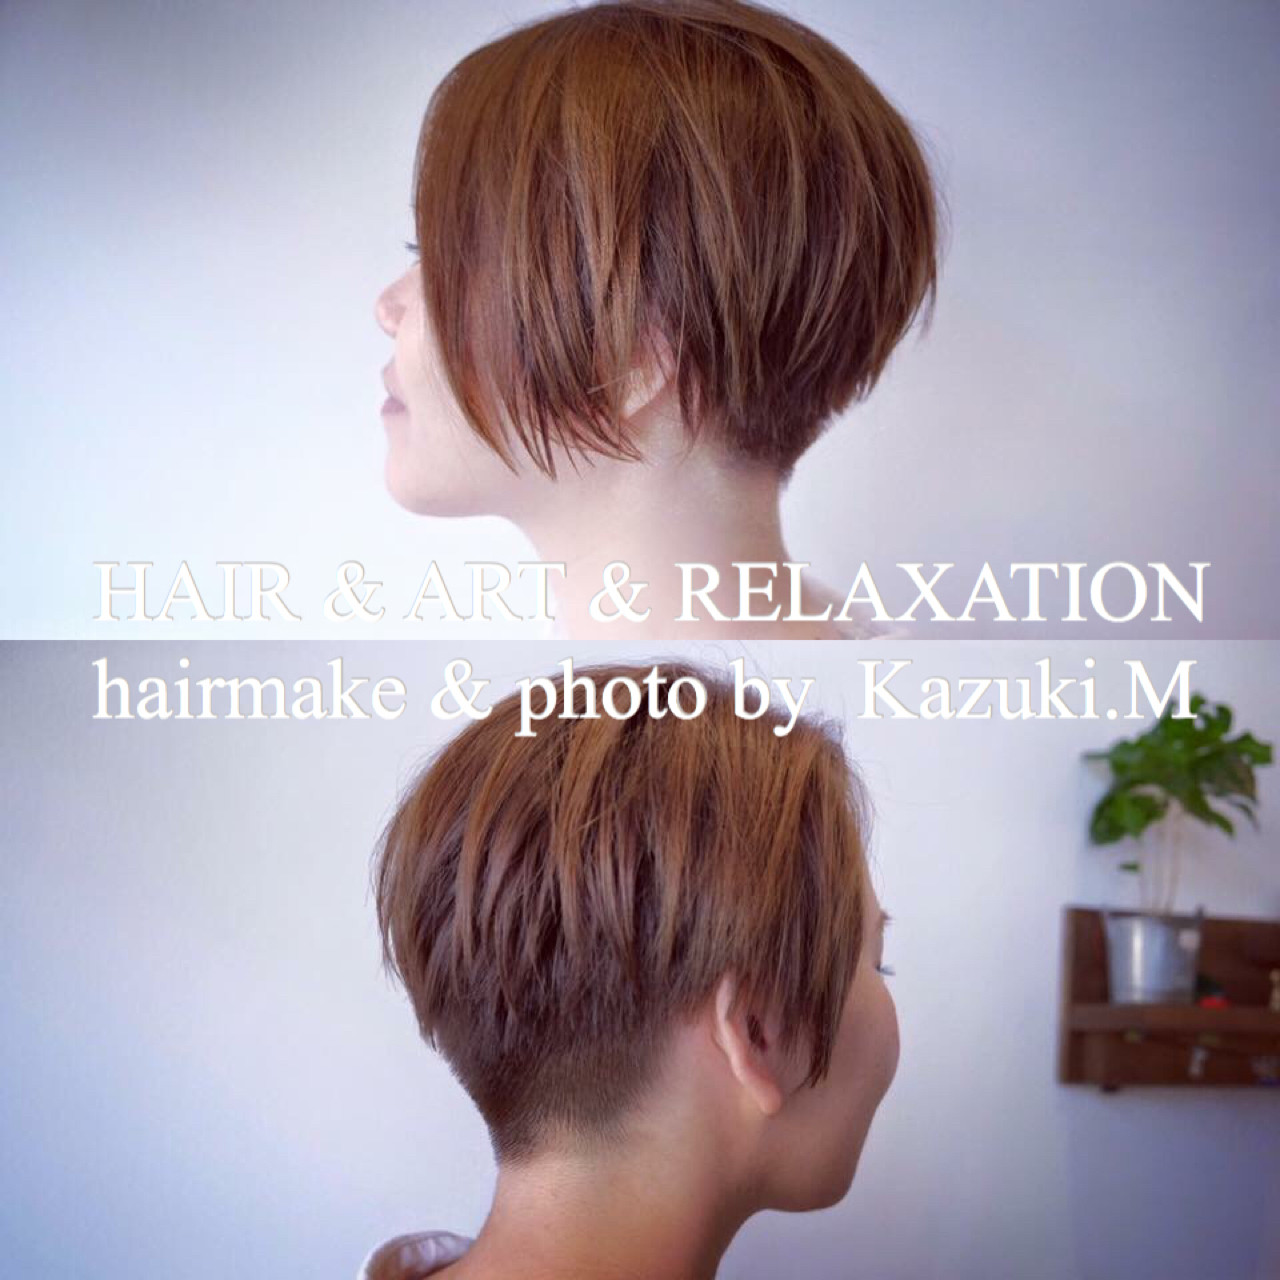 刈り上げ 大人女子 ショート モードヘアスタイルや髪型の写真・画像